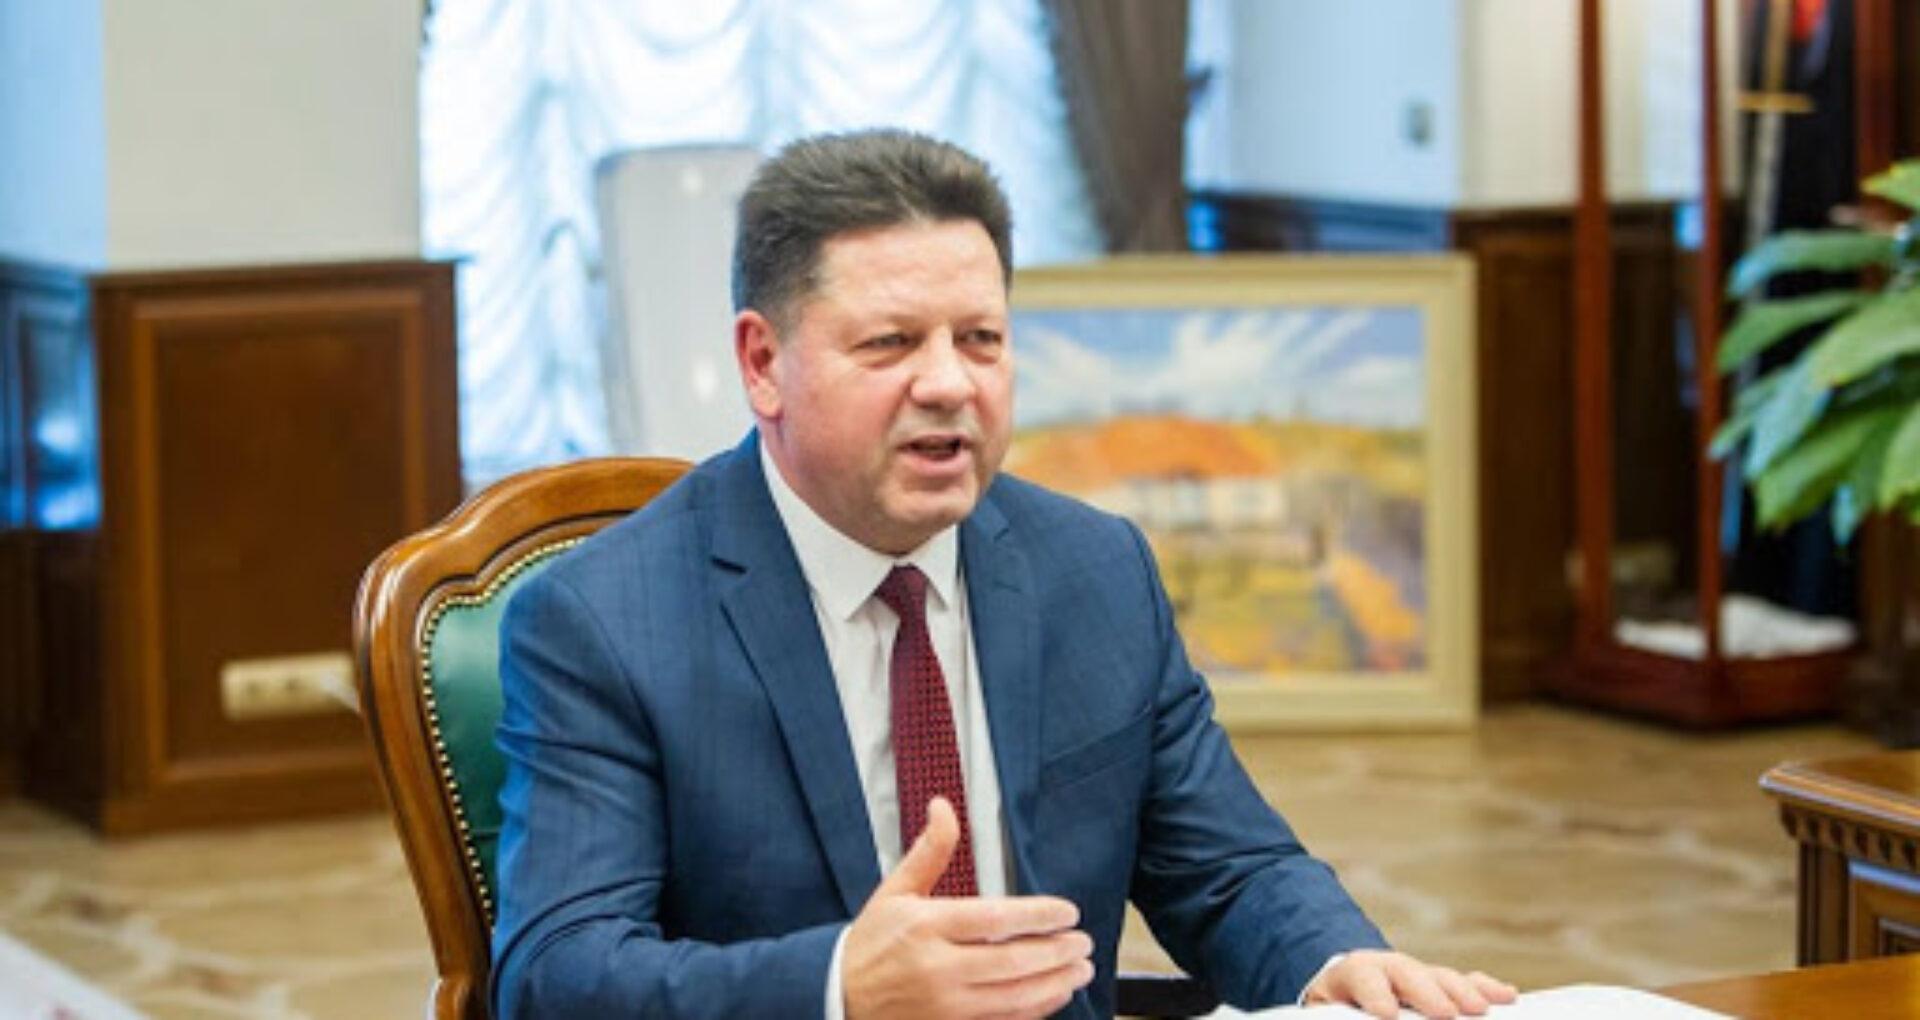 Gațcan încă nu și-a retras plângerea de la Procuratura Generală: Procesul penal, în derulare